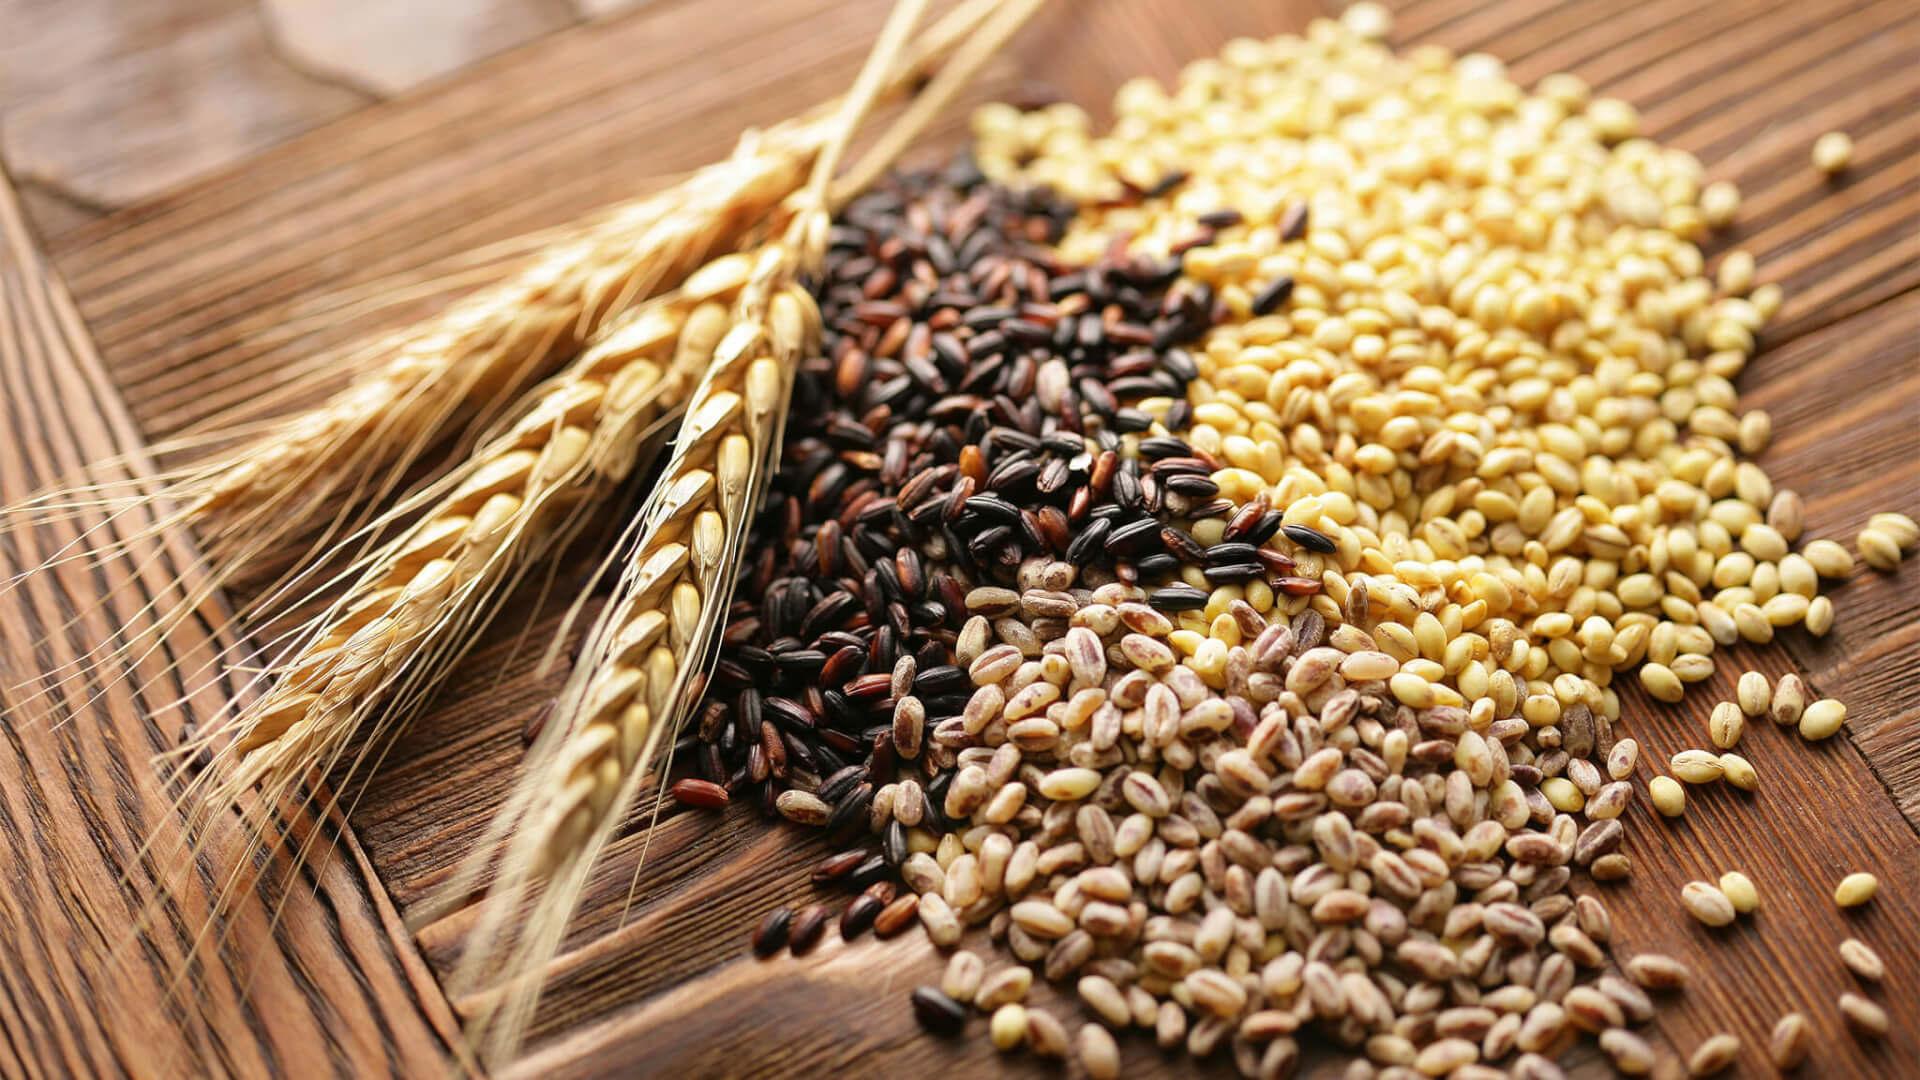 Производство зерновых в мире составит 2,64 миллиарда тонн